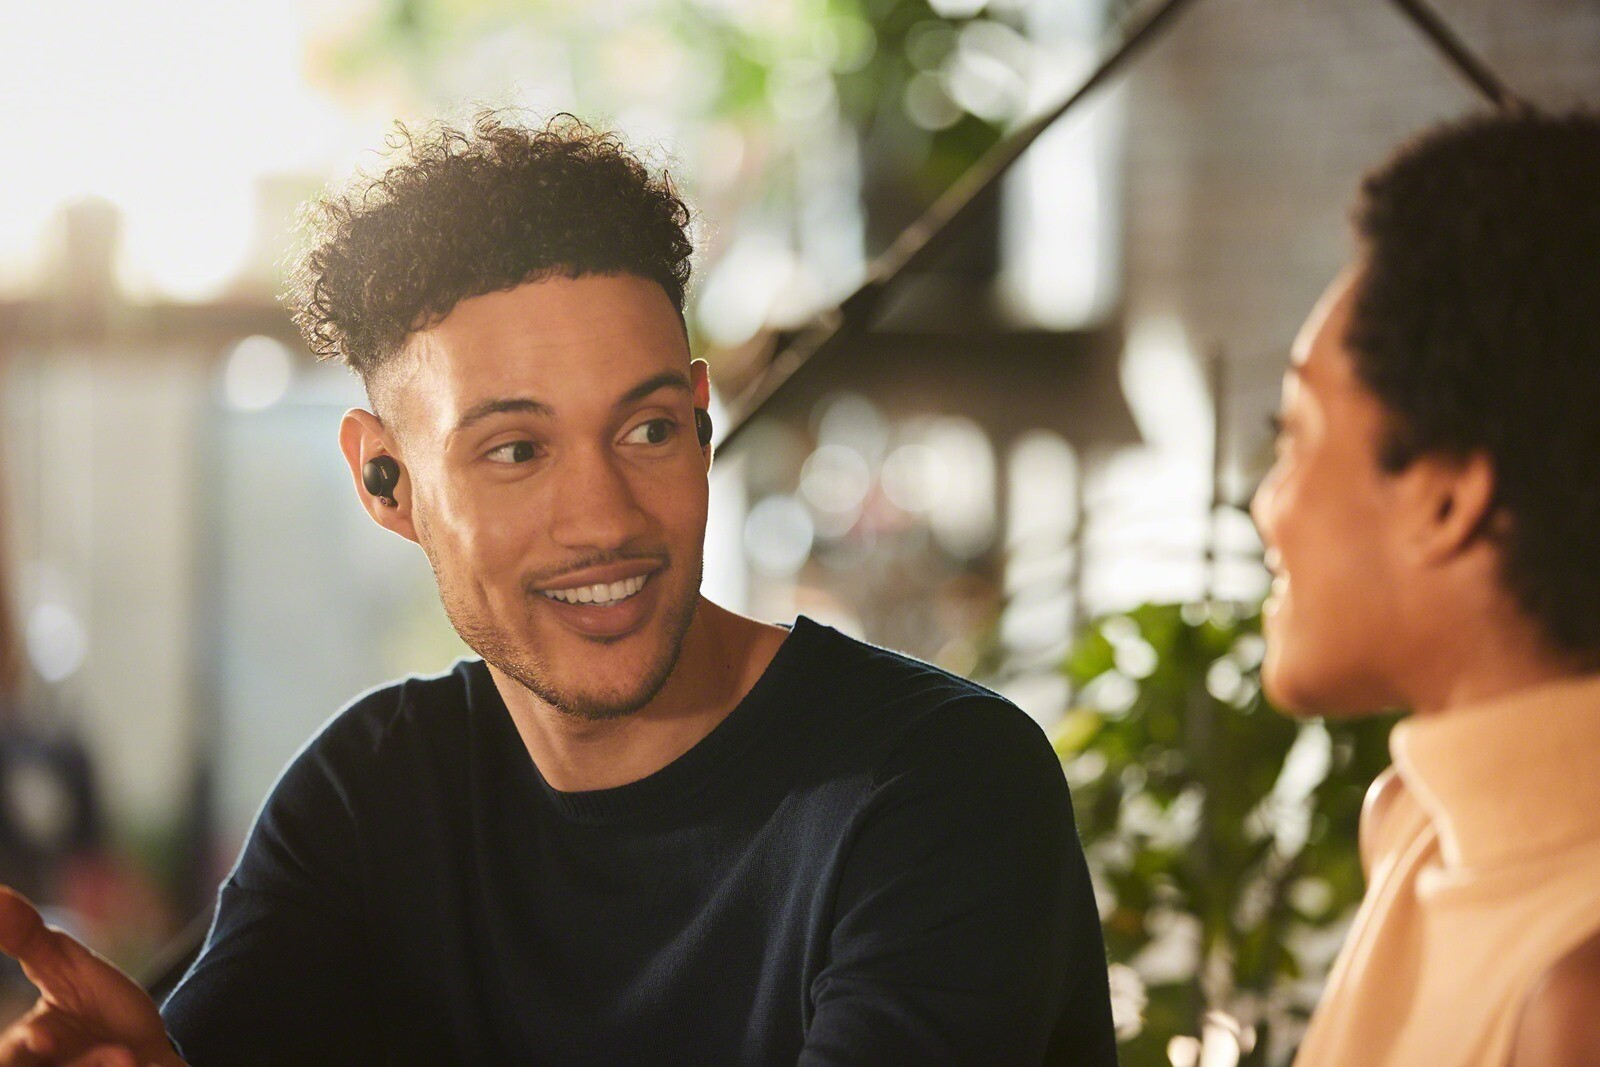 圖-4-WF-1000XM4 支援 Speak-to-Chat 快速聊天模式,只要使用者開口說話時,內建麥克風則會即刻辨識、自動暫停播放音樂並接收環境聲音方便交談_thumb.jpg @3C 達人廖阿輝